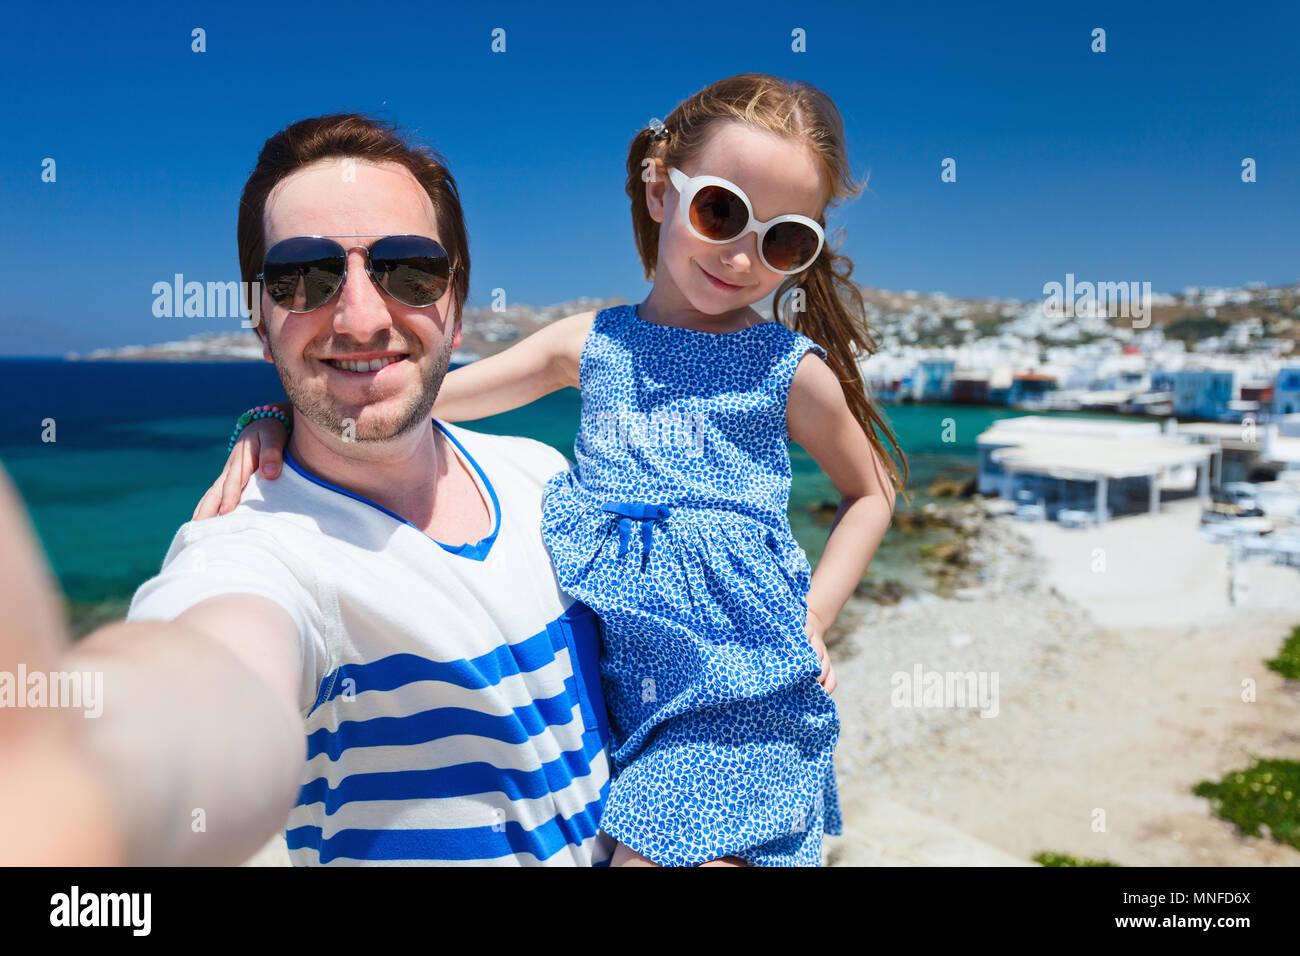 La famiglia felice padre e sua adorabile figlia piccola in vacanza prendendo selfie a Little Venice area sull'isola di Mykonos, Grecia Immagini Stock